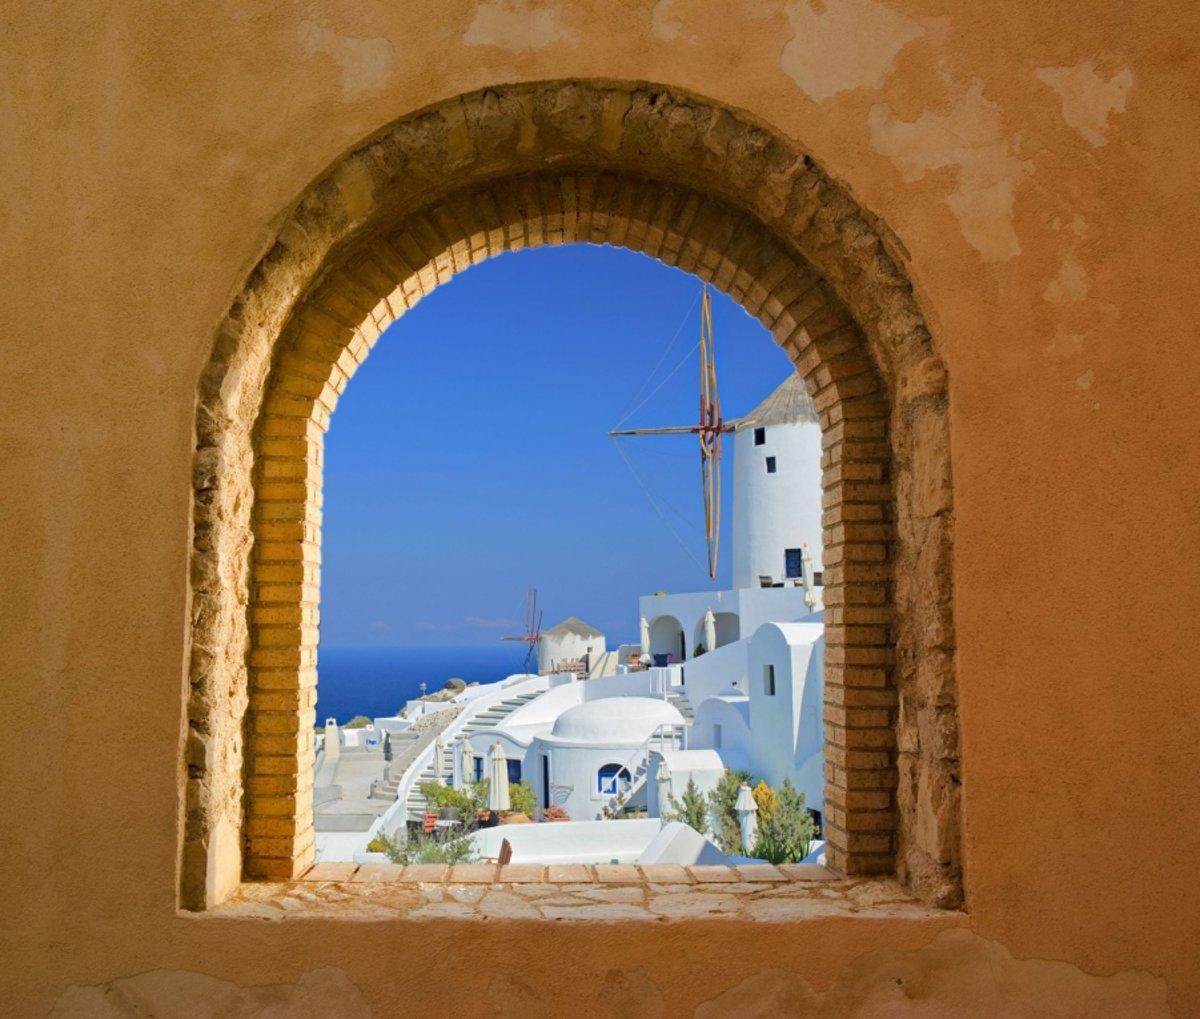 Tuinposter - Toscaans raam doorkijk 15 kopen